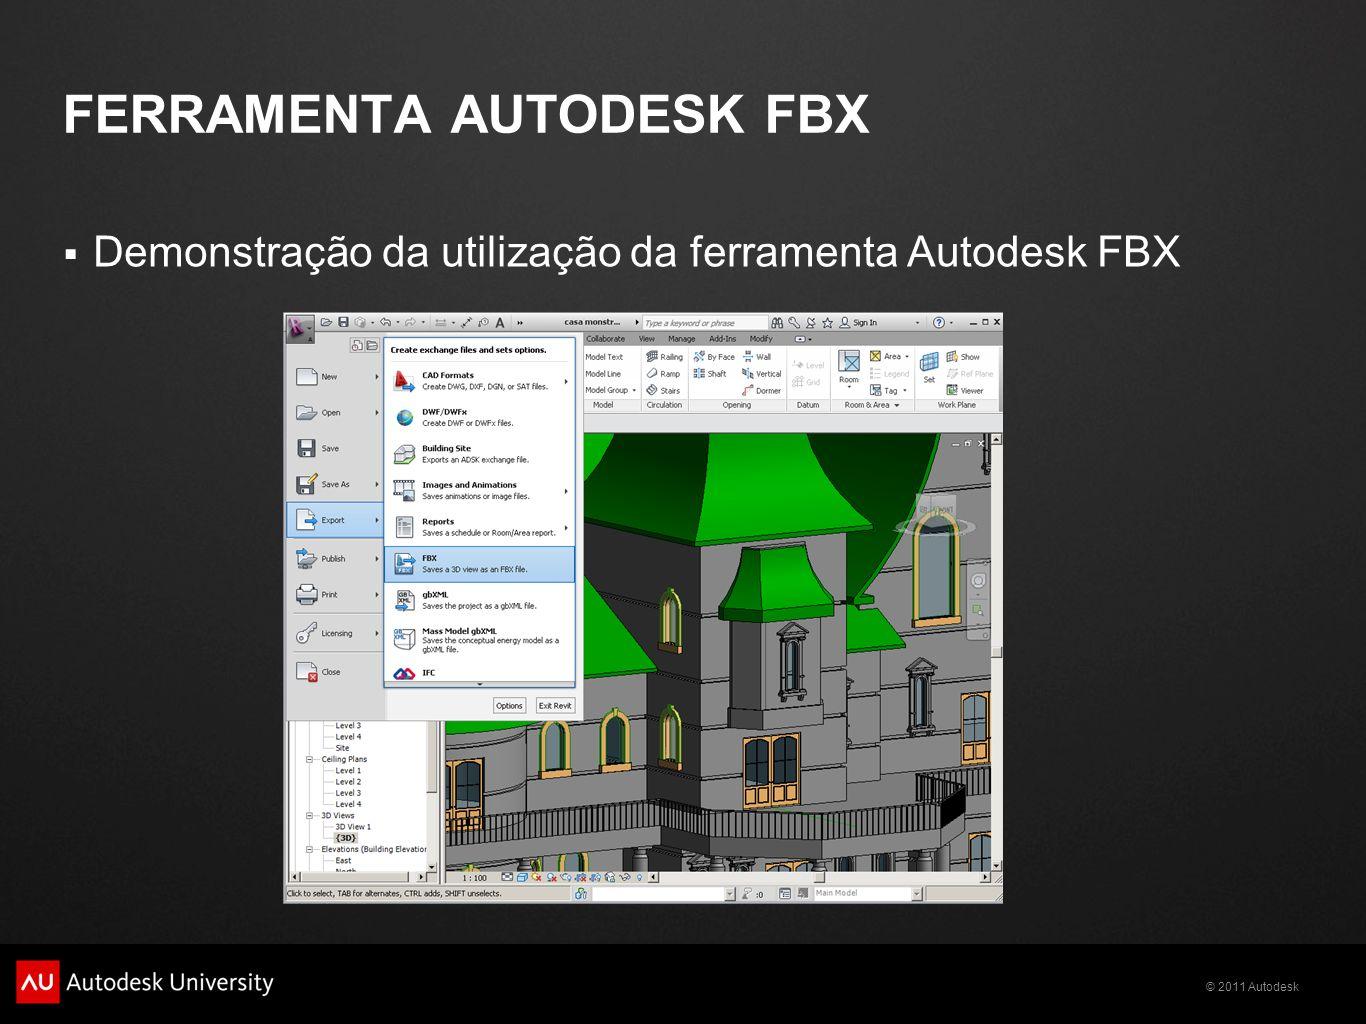 FERRAMENTA AUTODESK FBX